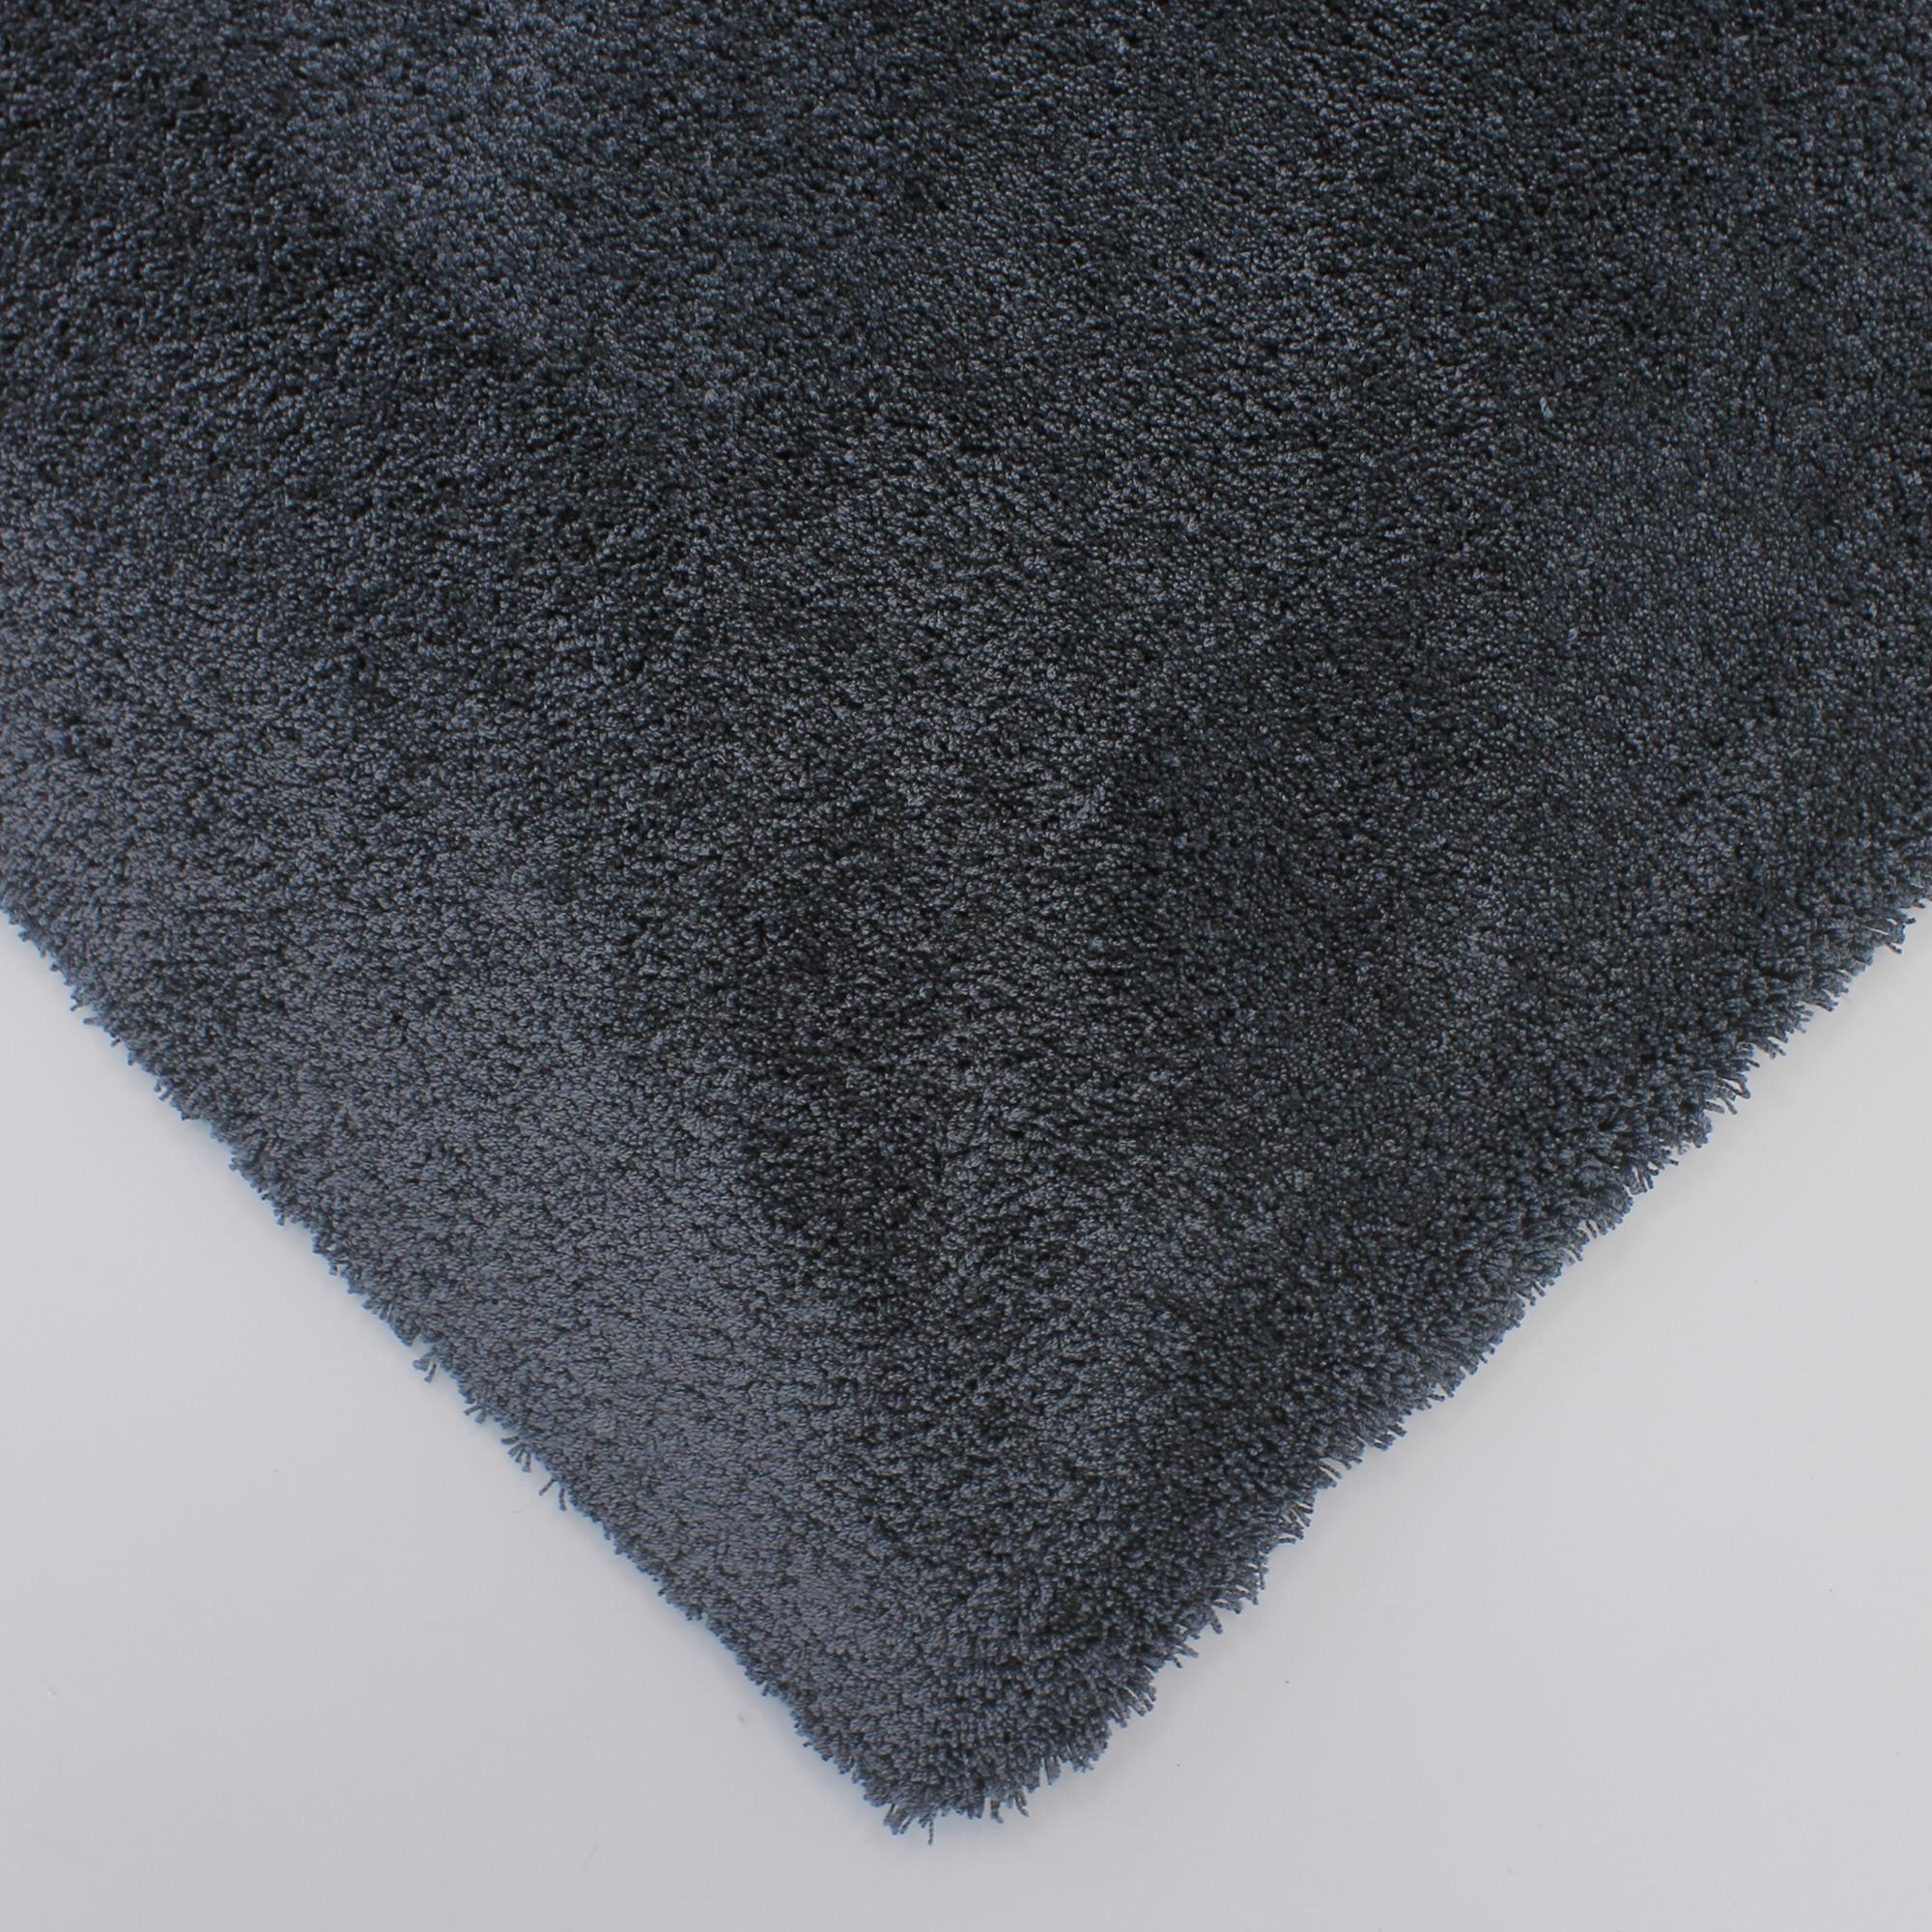 Vloerkleed Xilento Amazing Anthracite | 170 x 230 cm